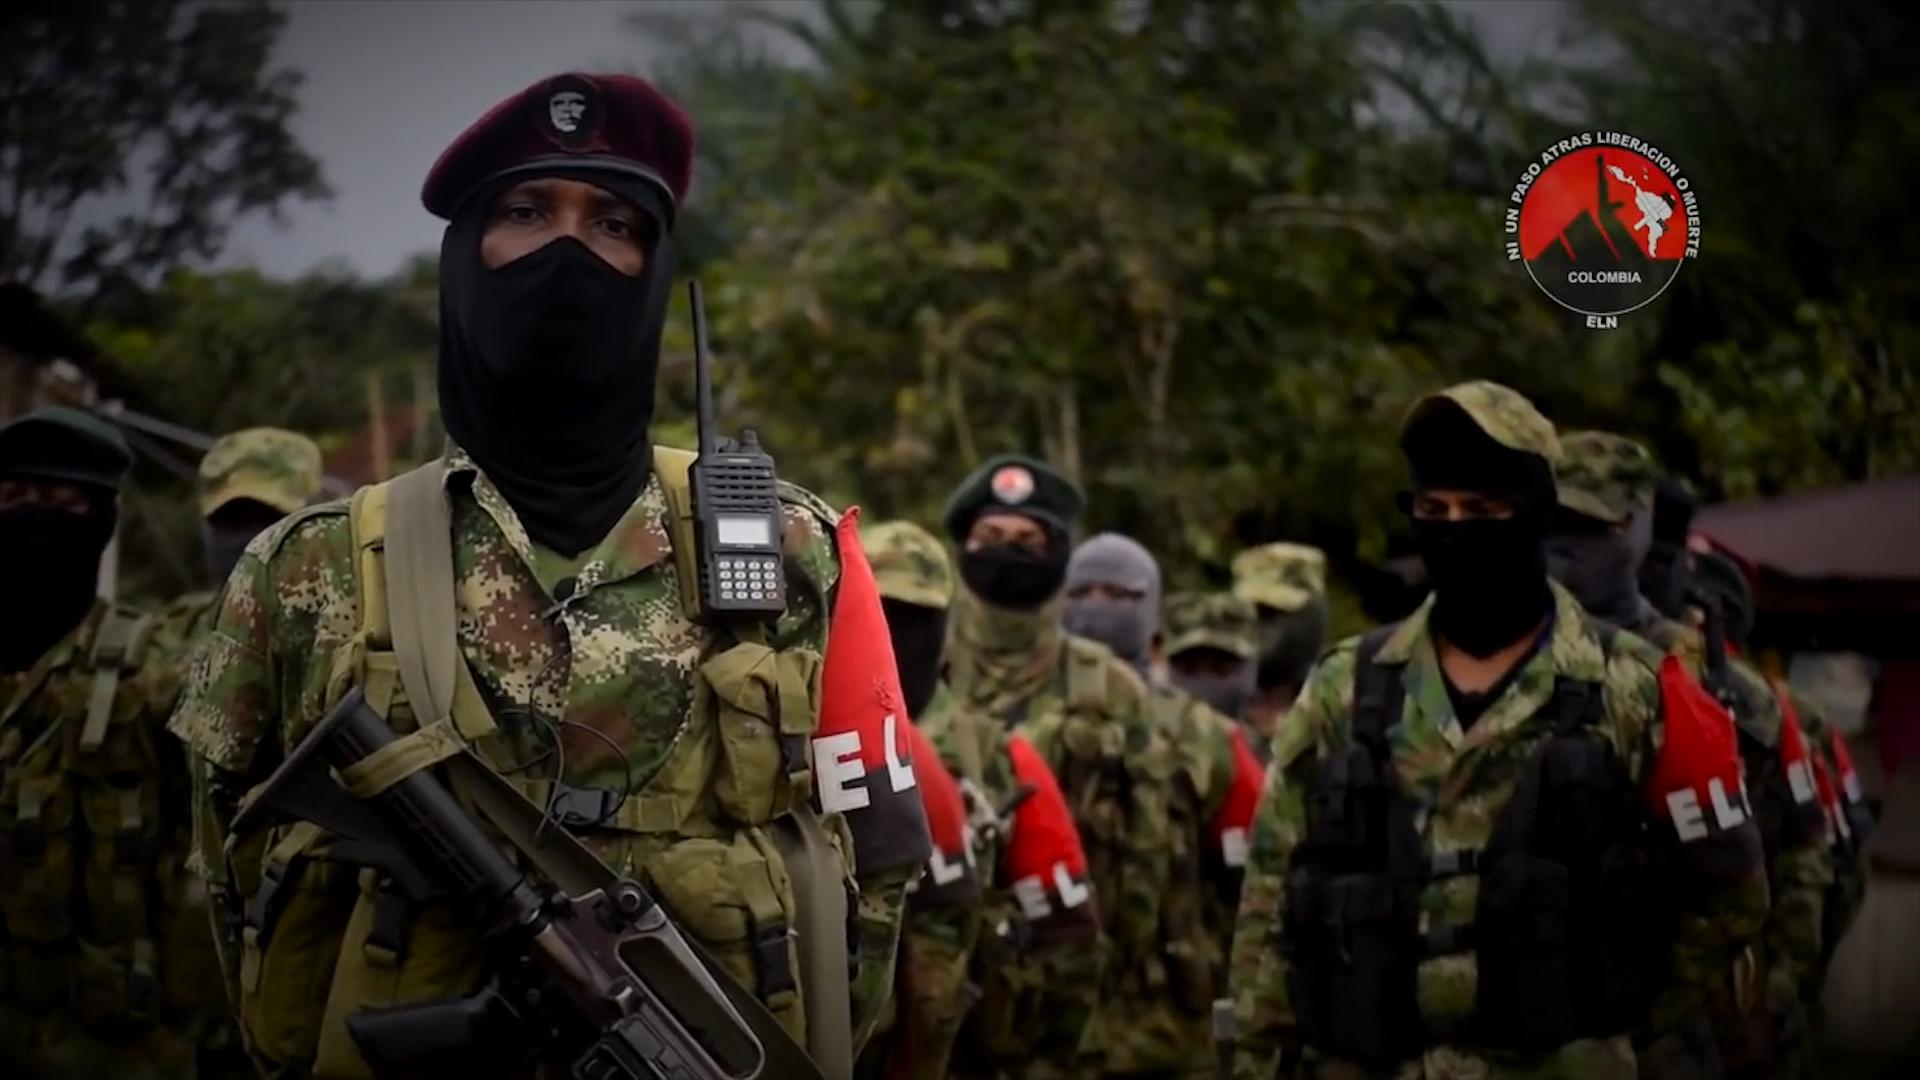 Eln montó base militar en una escuela de Venezuela   Colombia   EL FRENTE